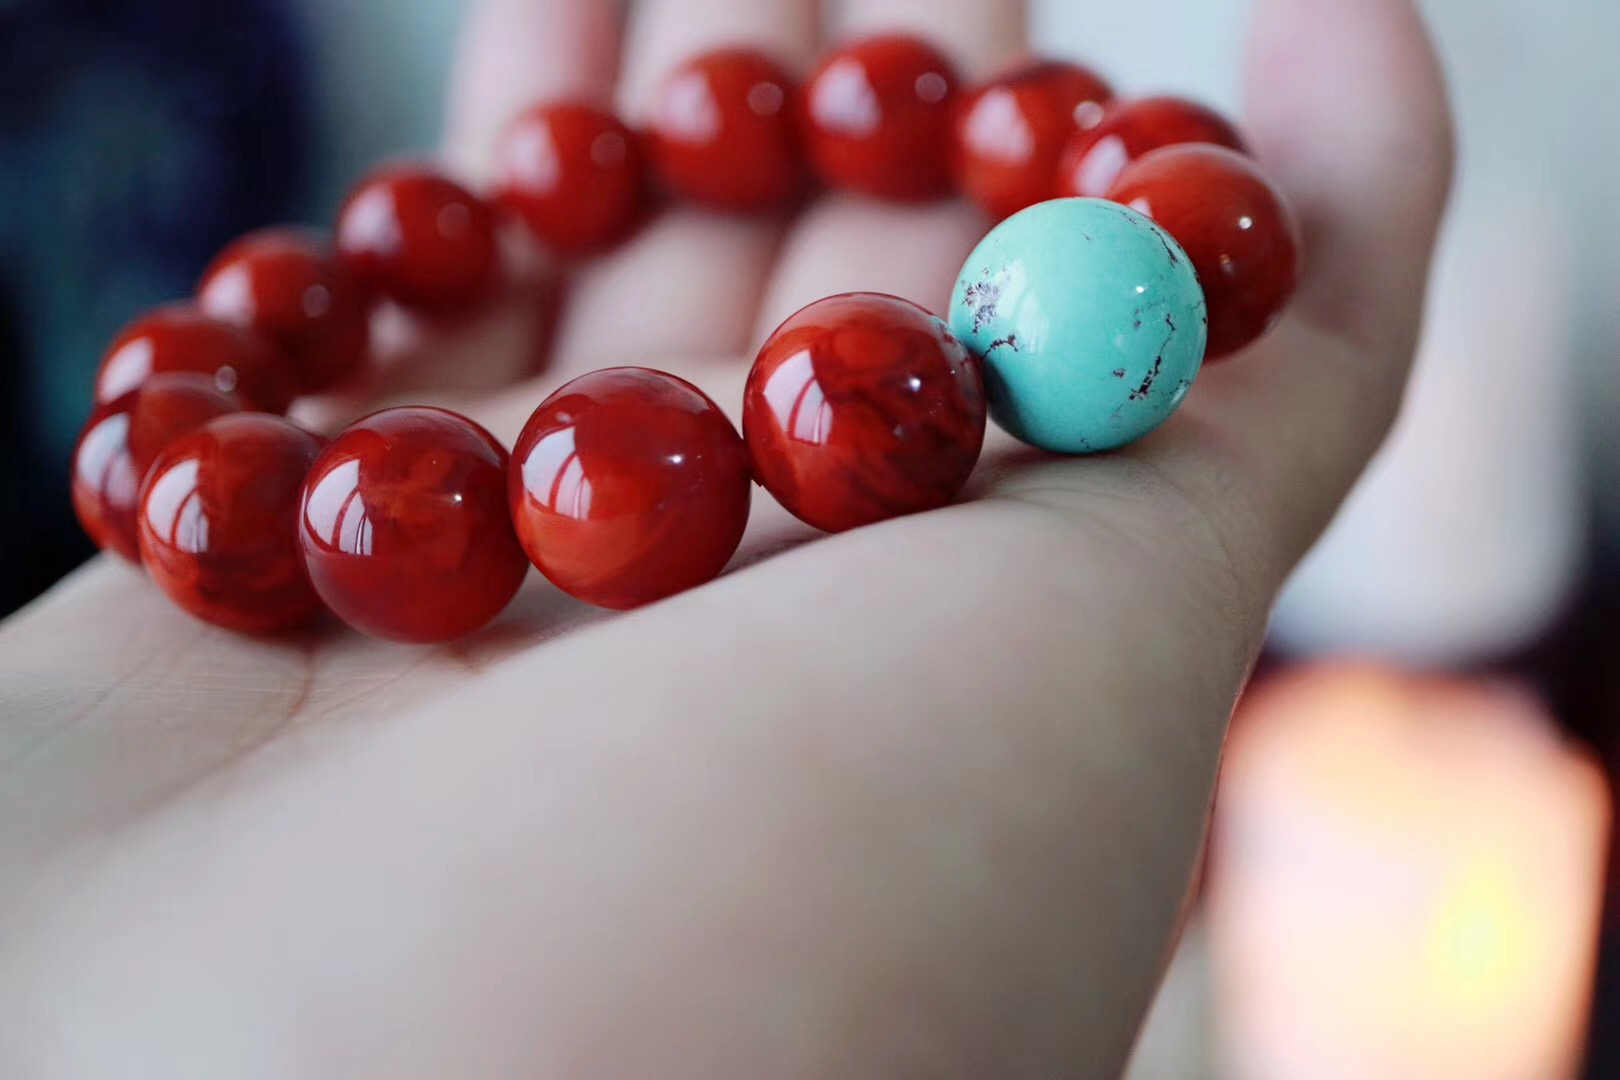 【菩心🔥南红玛瑙 | 原矿绿松石】颜色纯正的南红火焰纹,意境优美,颜色红润-菩心晶舍